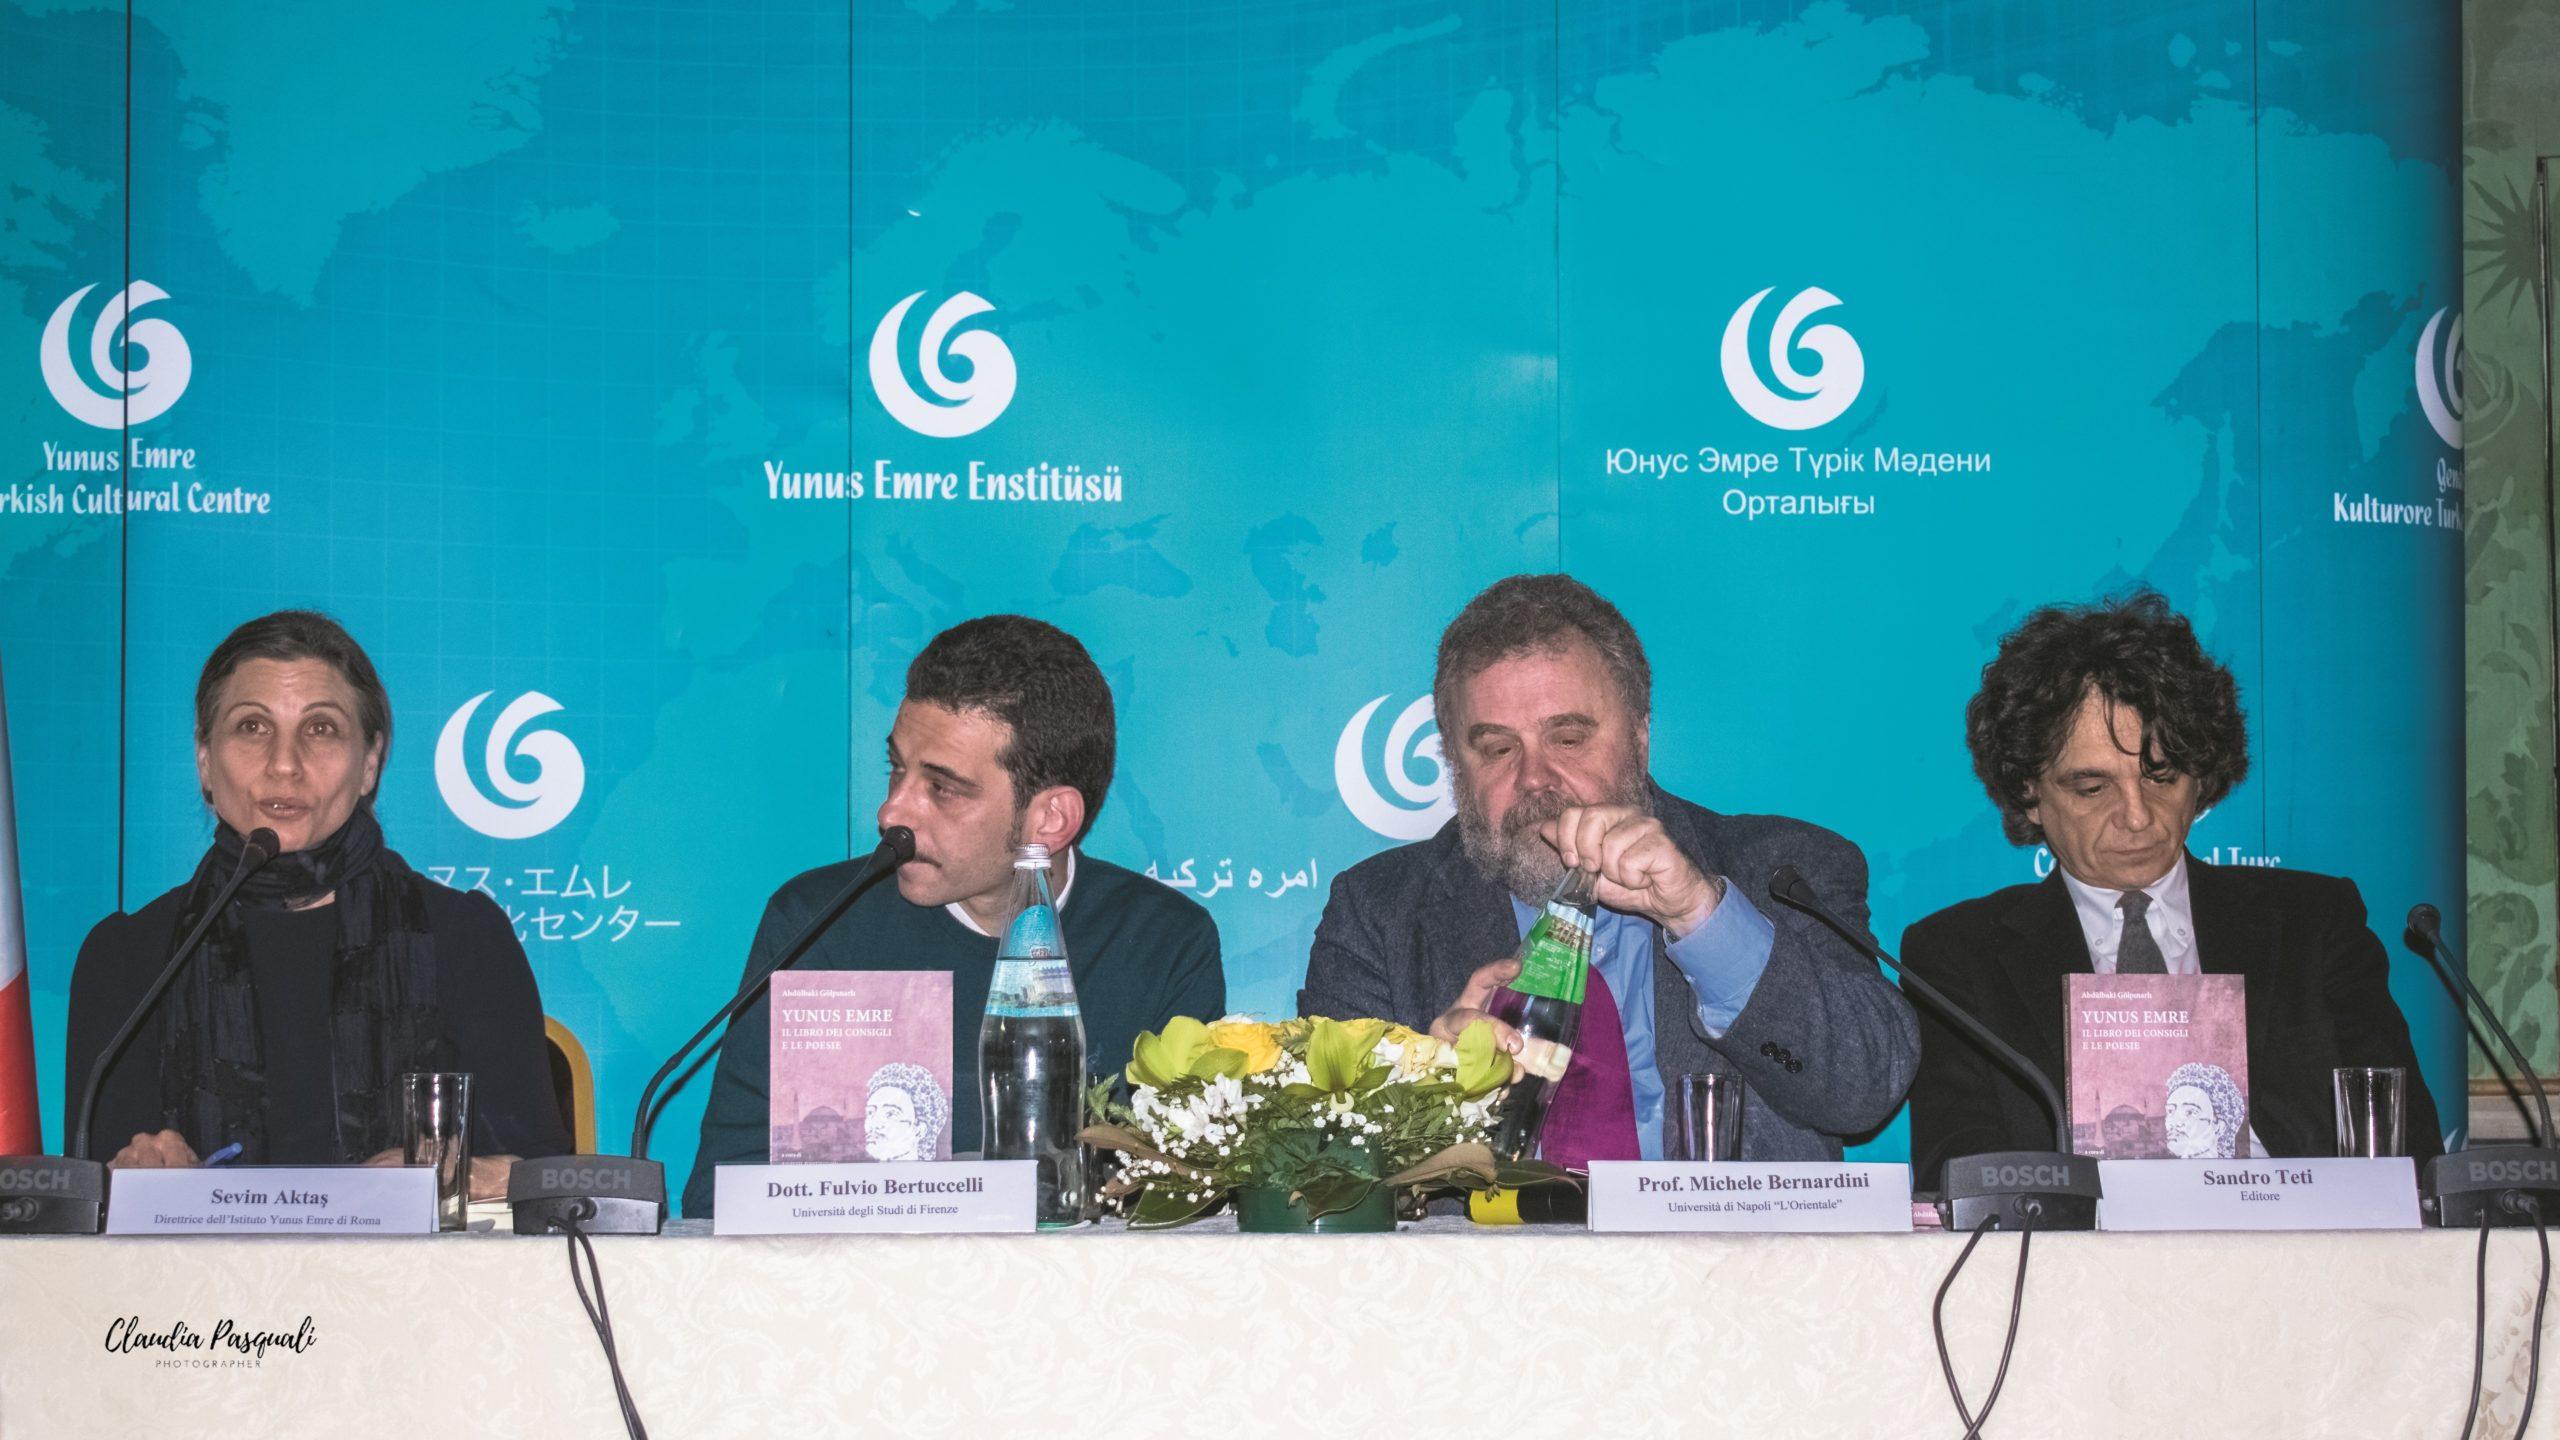 """Presentazione del libro """"Yunus Emre. Il libro dei consigli e le poesie"""". Da sinistra: la direttrice dell'Istituto Sevim Aktaş; il curatore e traduttore Fulvio Bertuccelli; il prof. Michele Bernardini e l'editore Sandro Teti."""